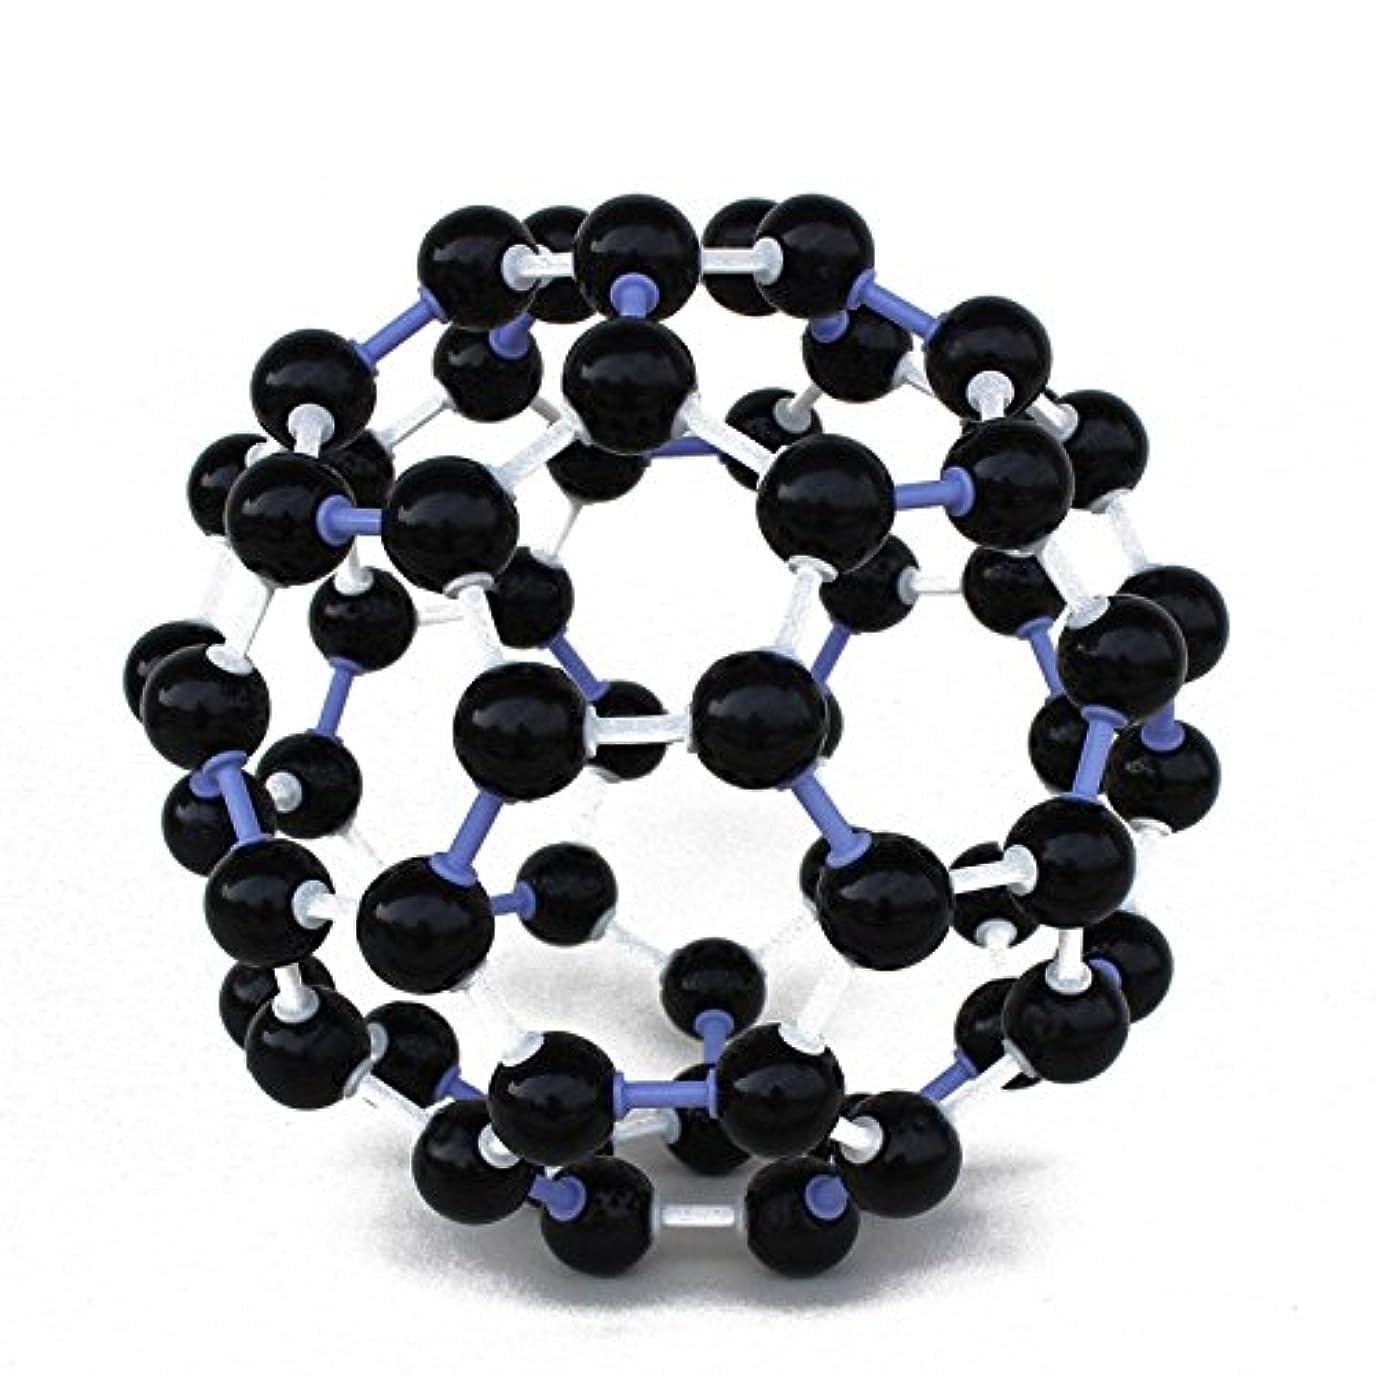 宝調査スペルC60モデル(直径23mm),GOOD lask 23mm化学教育用クリスタルカーボン60 C 60原子分子モデルセット